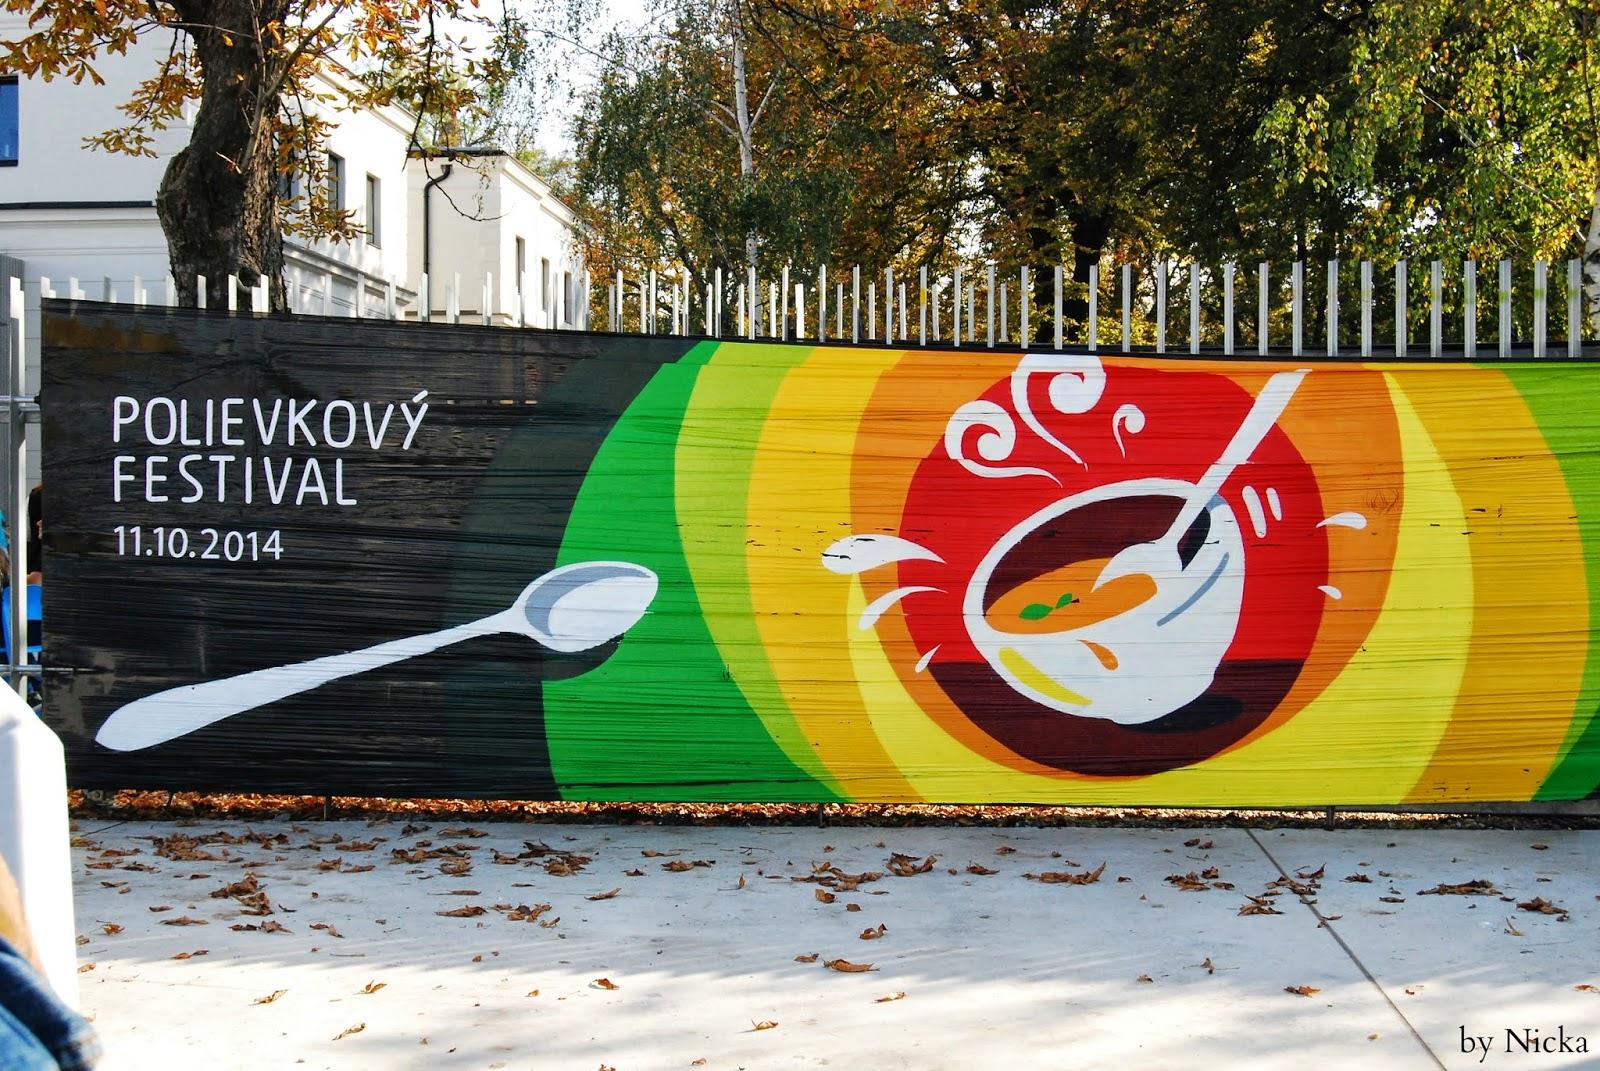 soup festival